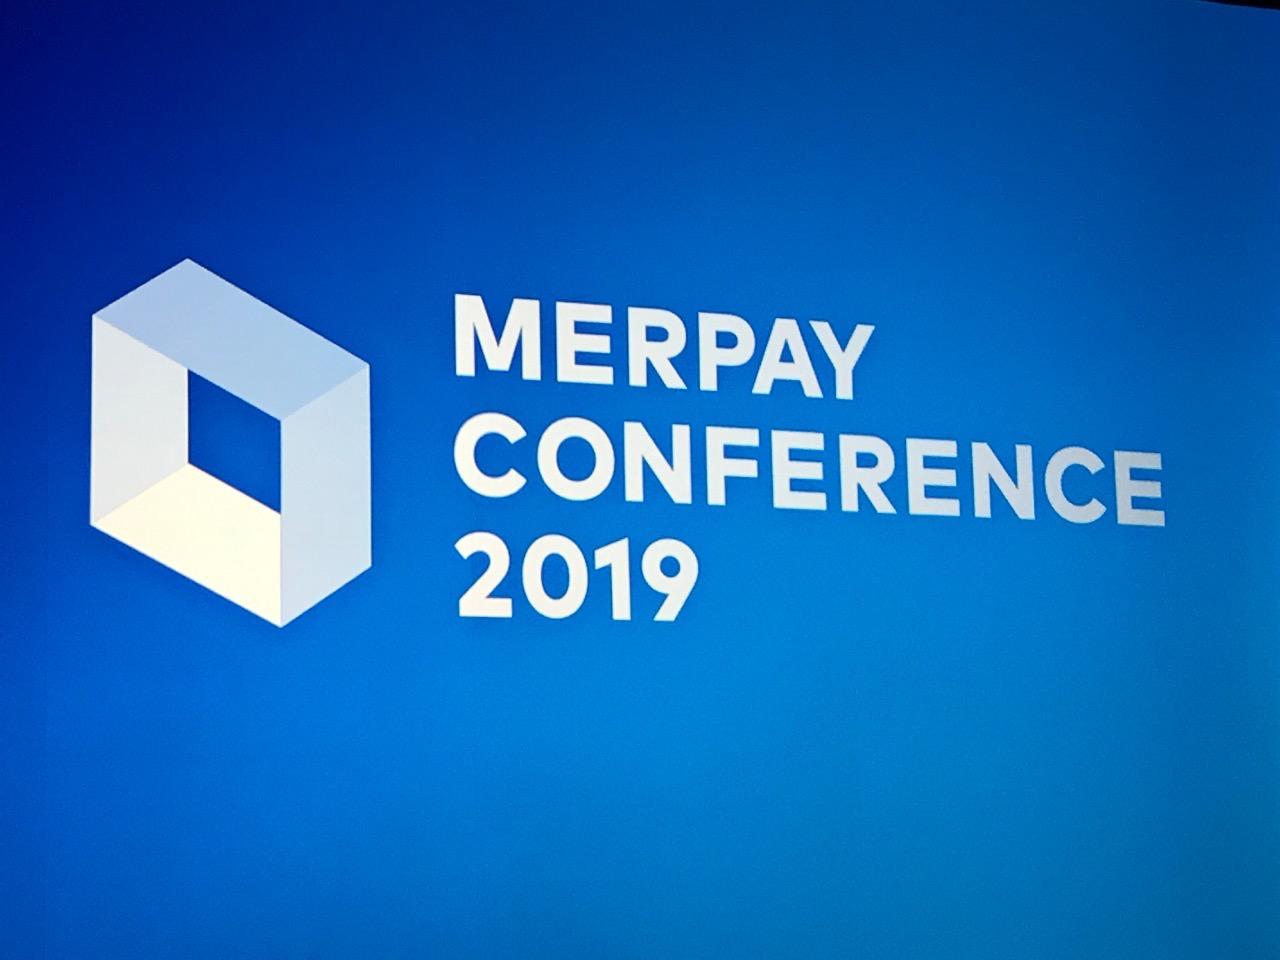 Android対応&コード決済対応を発表「メルペイ カンファレンス 2019」 #メルペイ